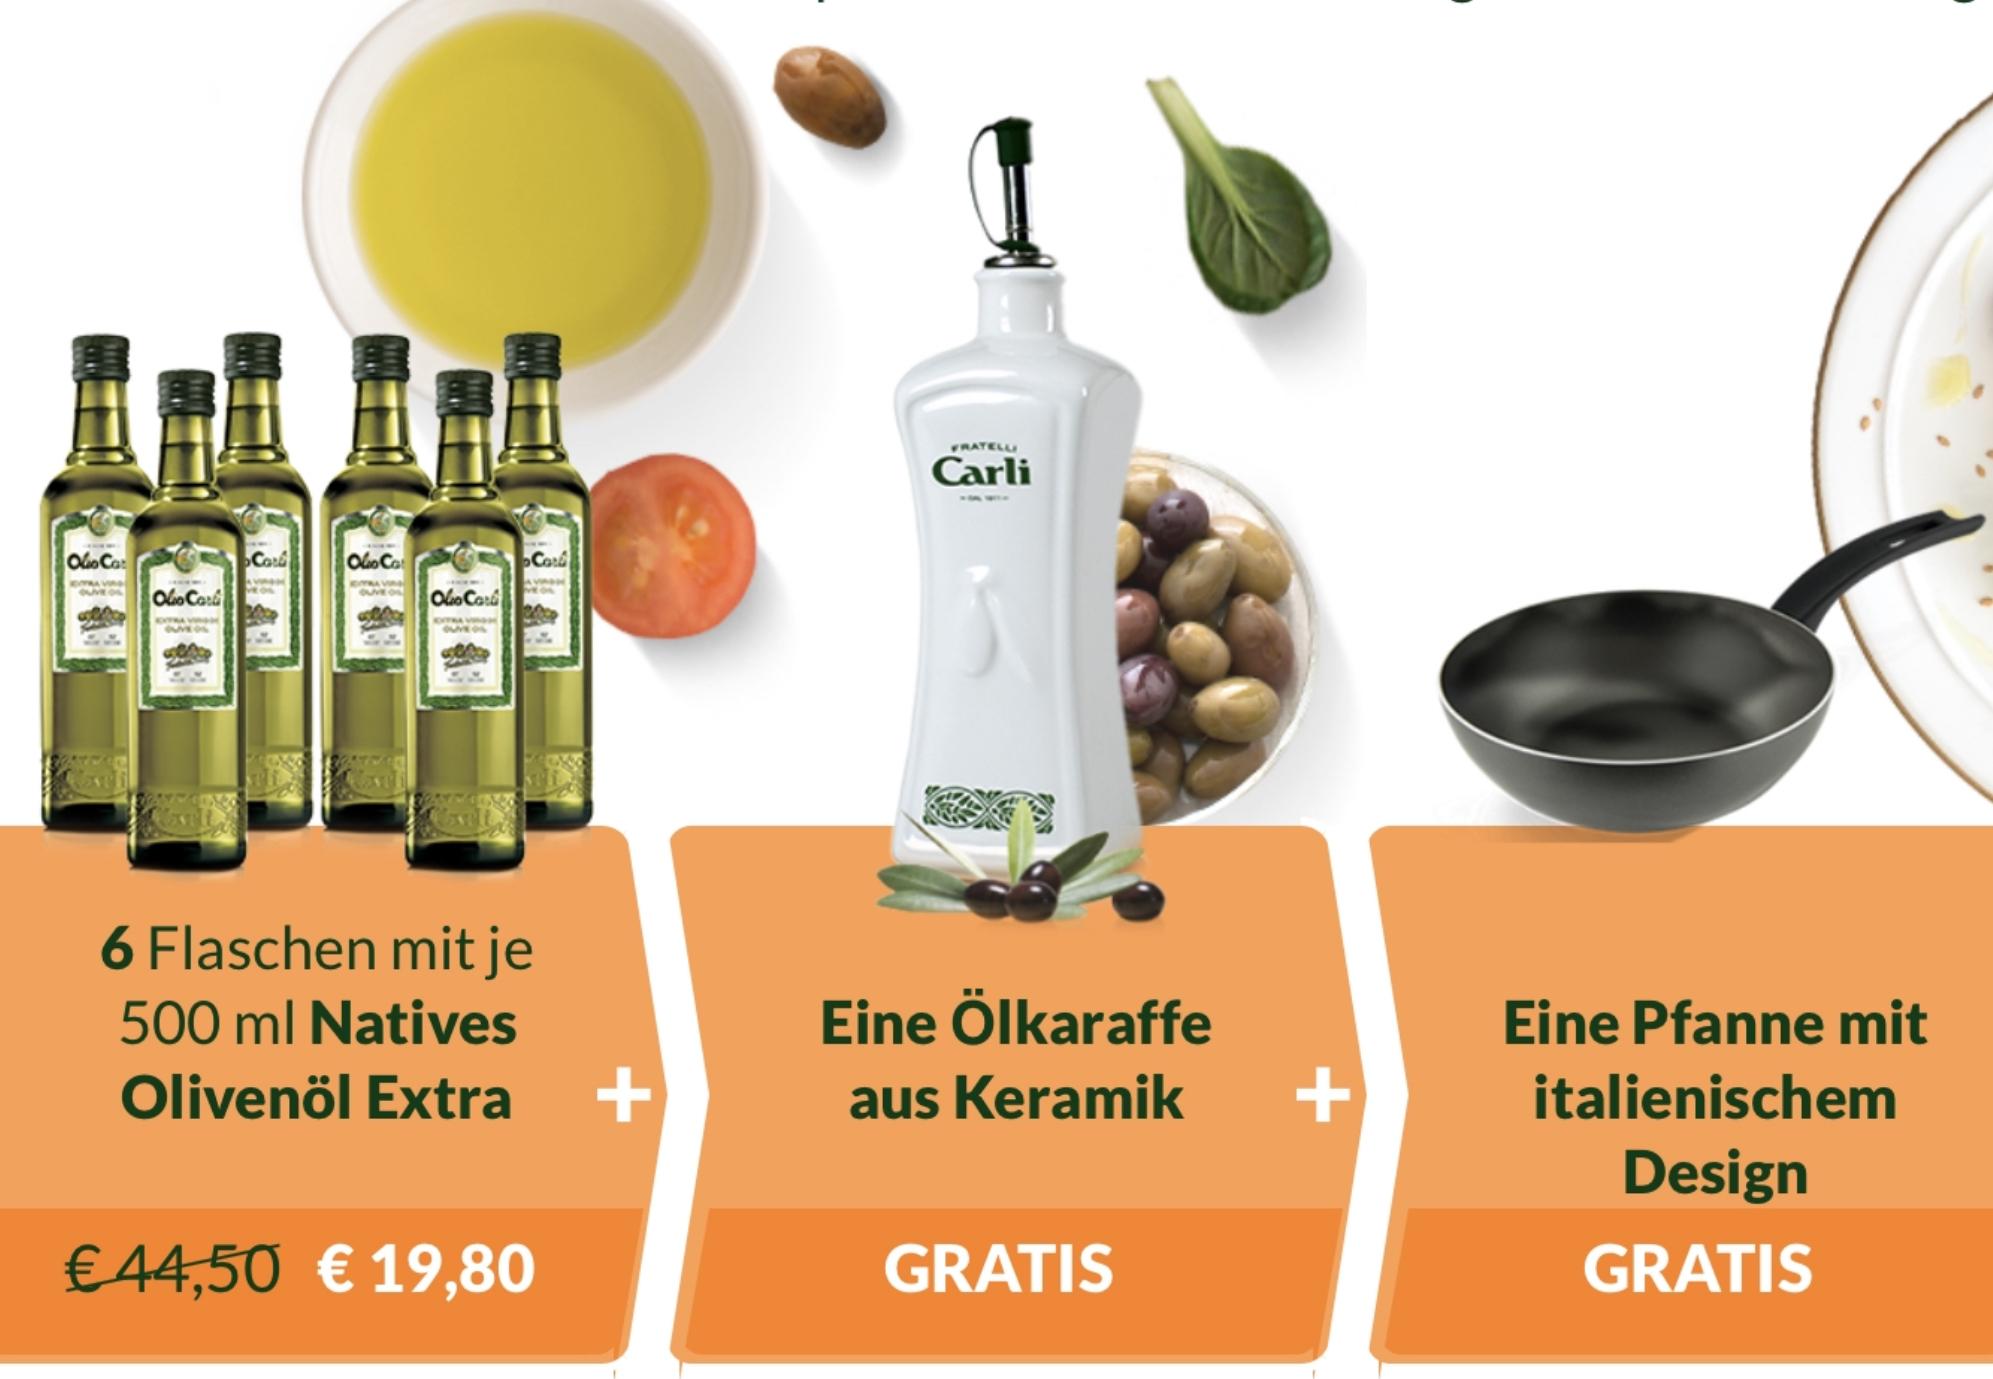 Olio Carli Erstbesteller: 6 Flaschen Natives Olivenöl Extra je 500ml + Ölkaraffe aus Keramik + Ballarini Bratpfanne für 19,80€ inkl. Versand